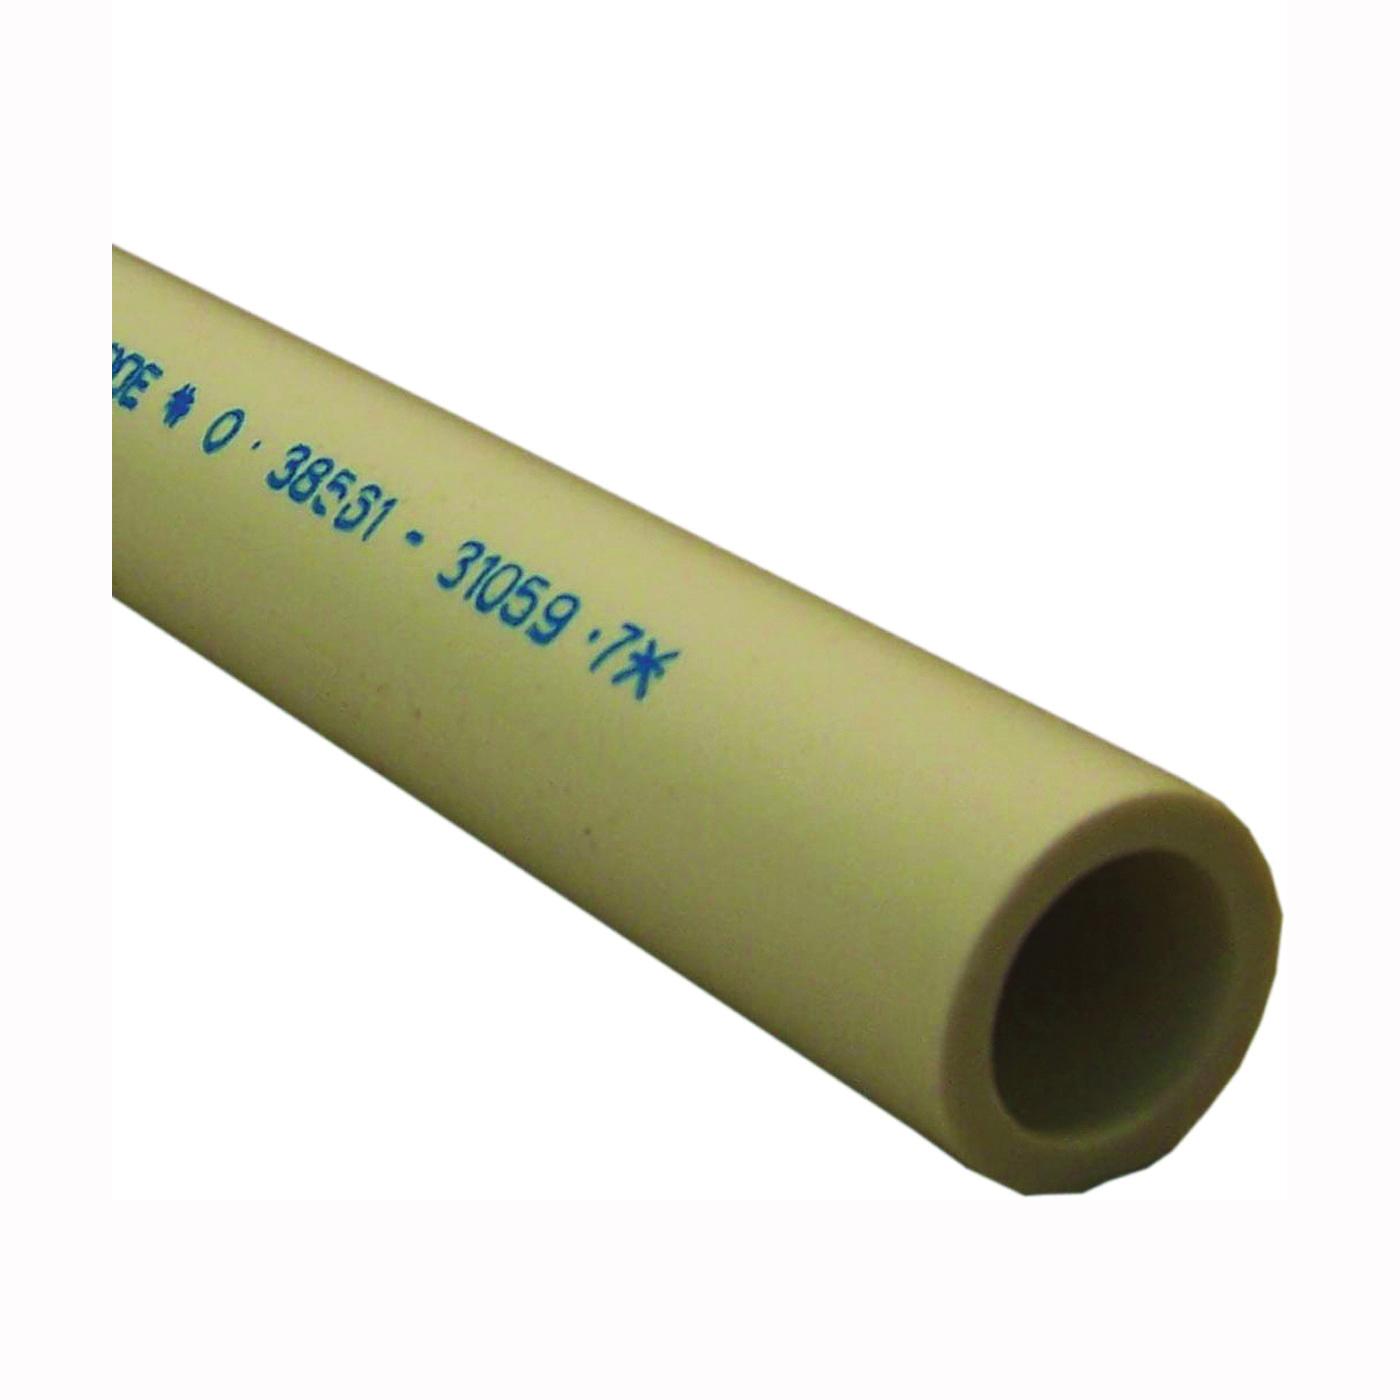 Picture of GENOVA 300 Series 310057 Pressure Pipe Plain, 10 ft L, Plain, SCH 40 Schedule